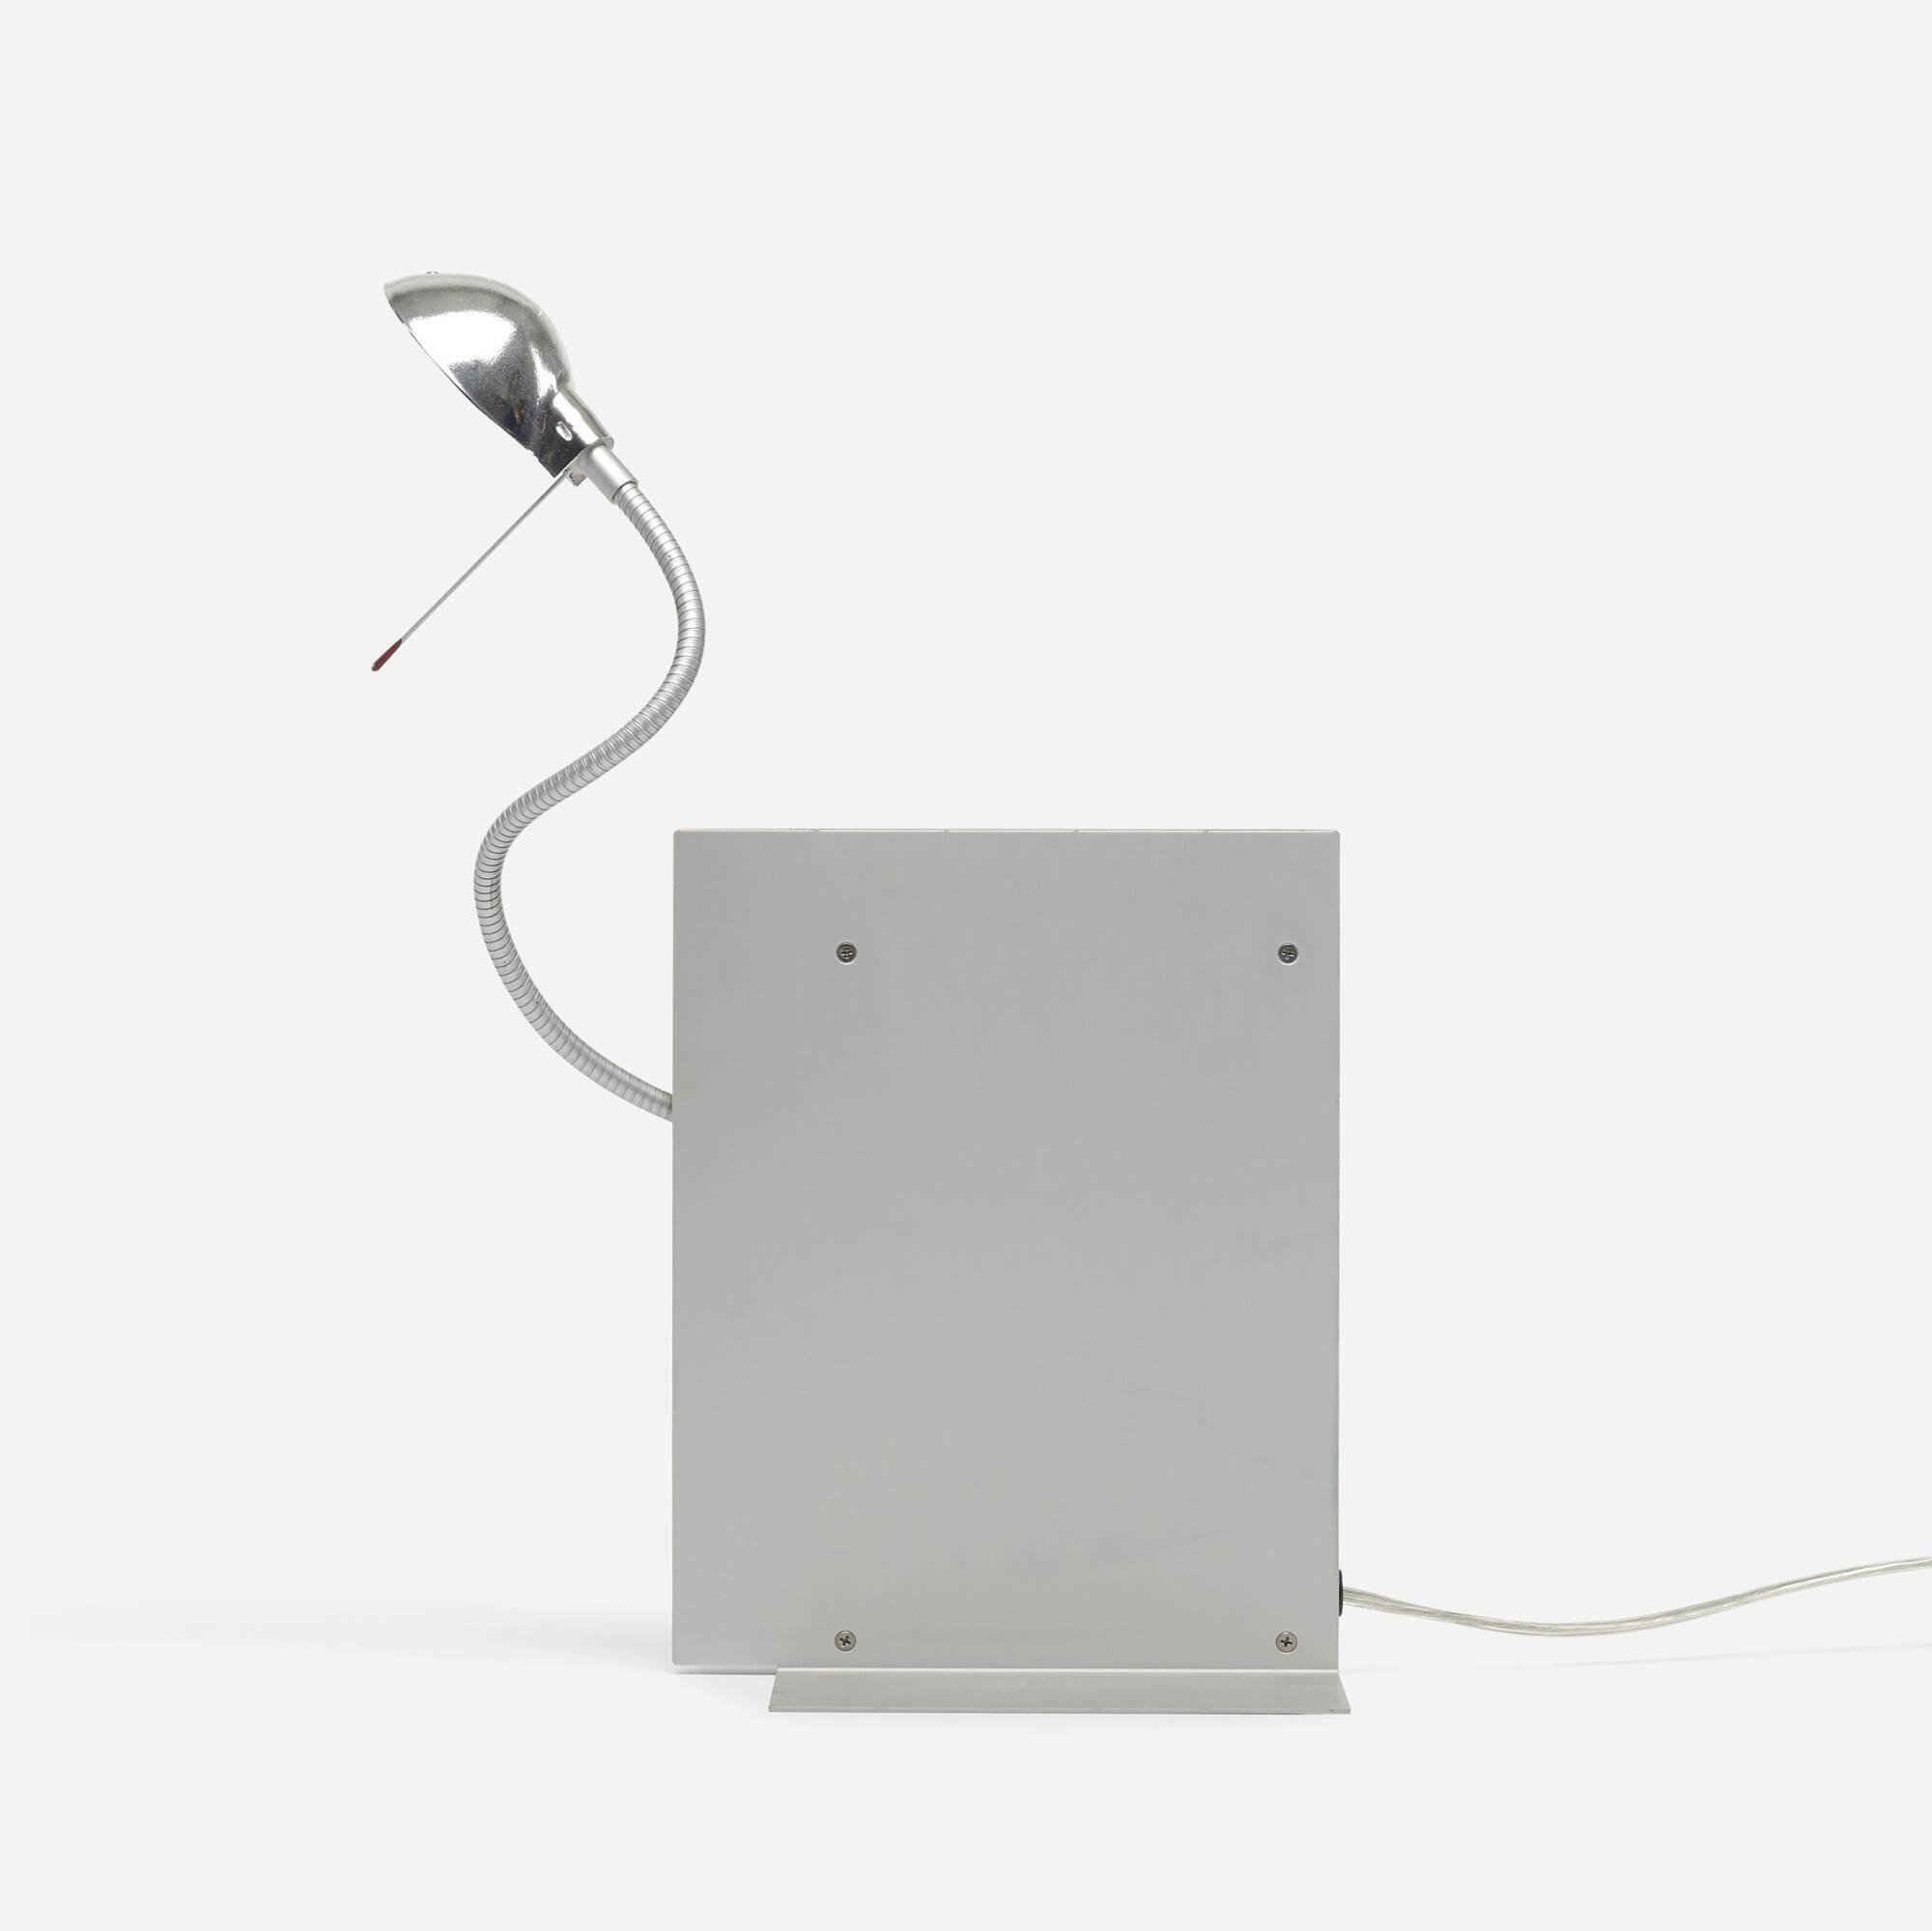 550: Ingo Maurer / Oskar bookshelf lamp (1 of 1)